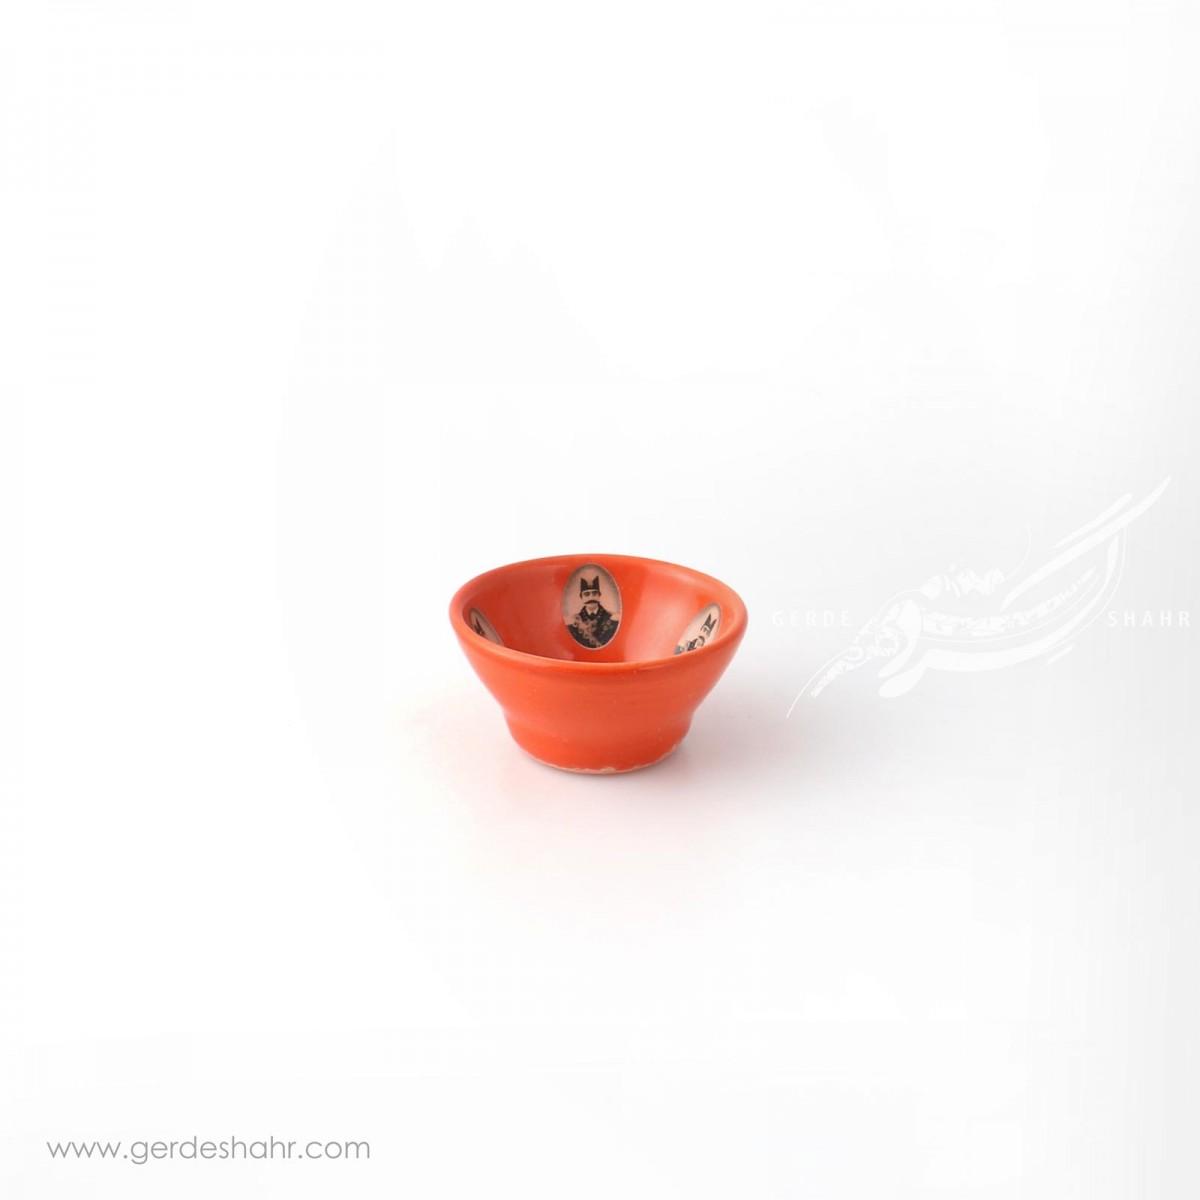 کاسه خیلی کوچک نارنجی قاجار سایز 7 ماه فروز محصولات